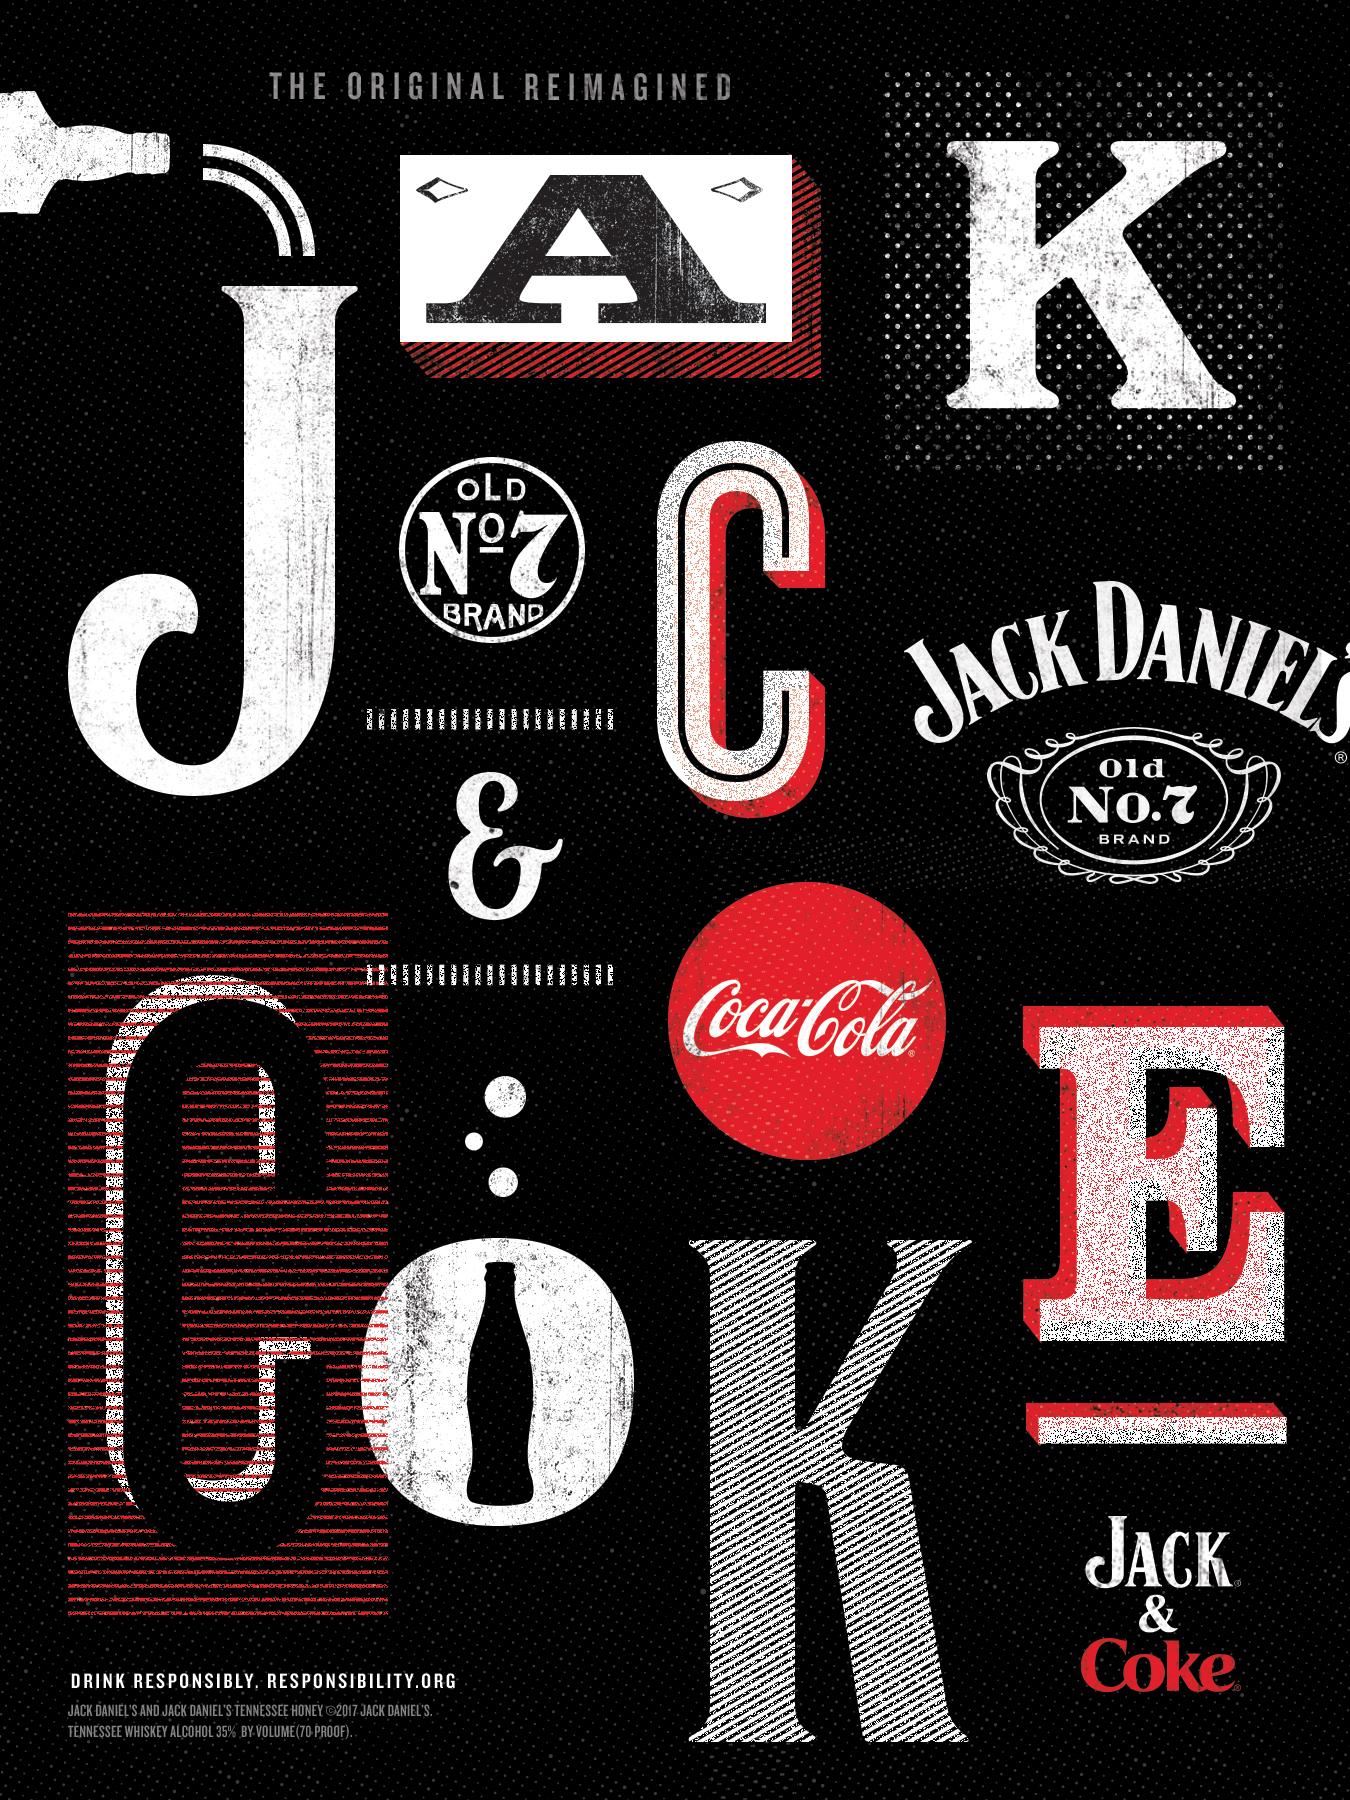 JackAndCokeKV_v2.jpg